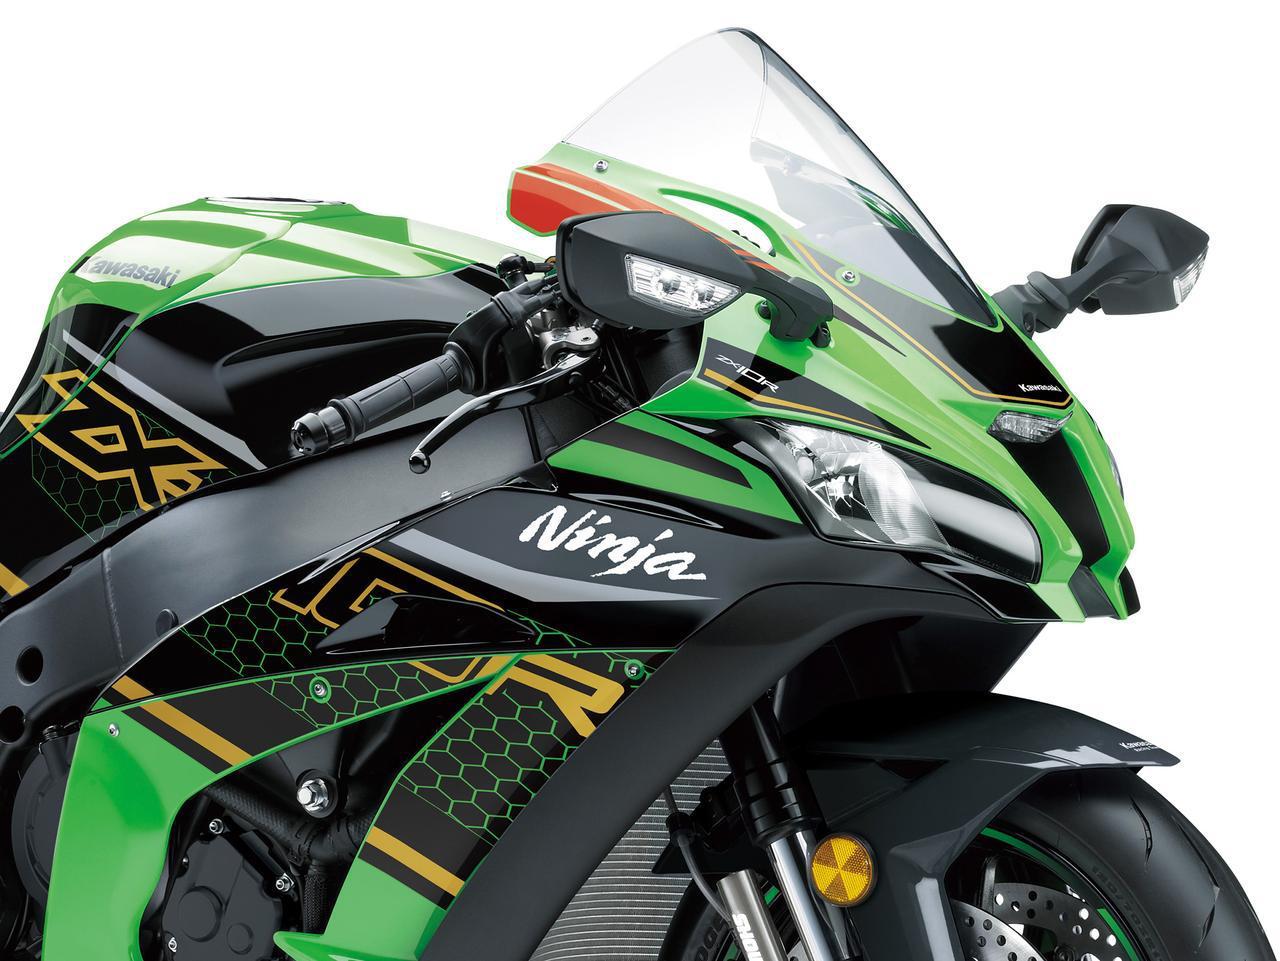 画像: カワサキ「Ninja ZX-10R KRT EDITION」の2020年モデル情報- webオートバイ